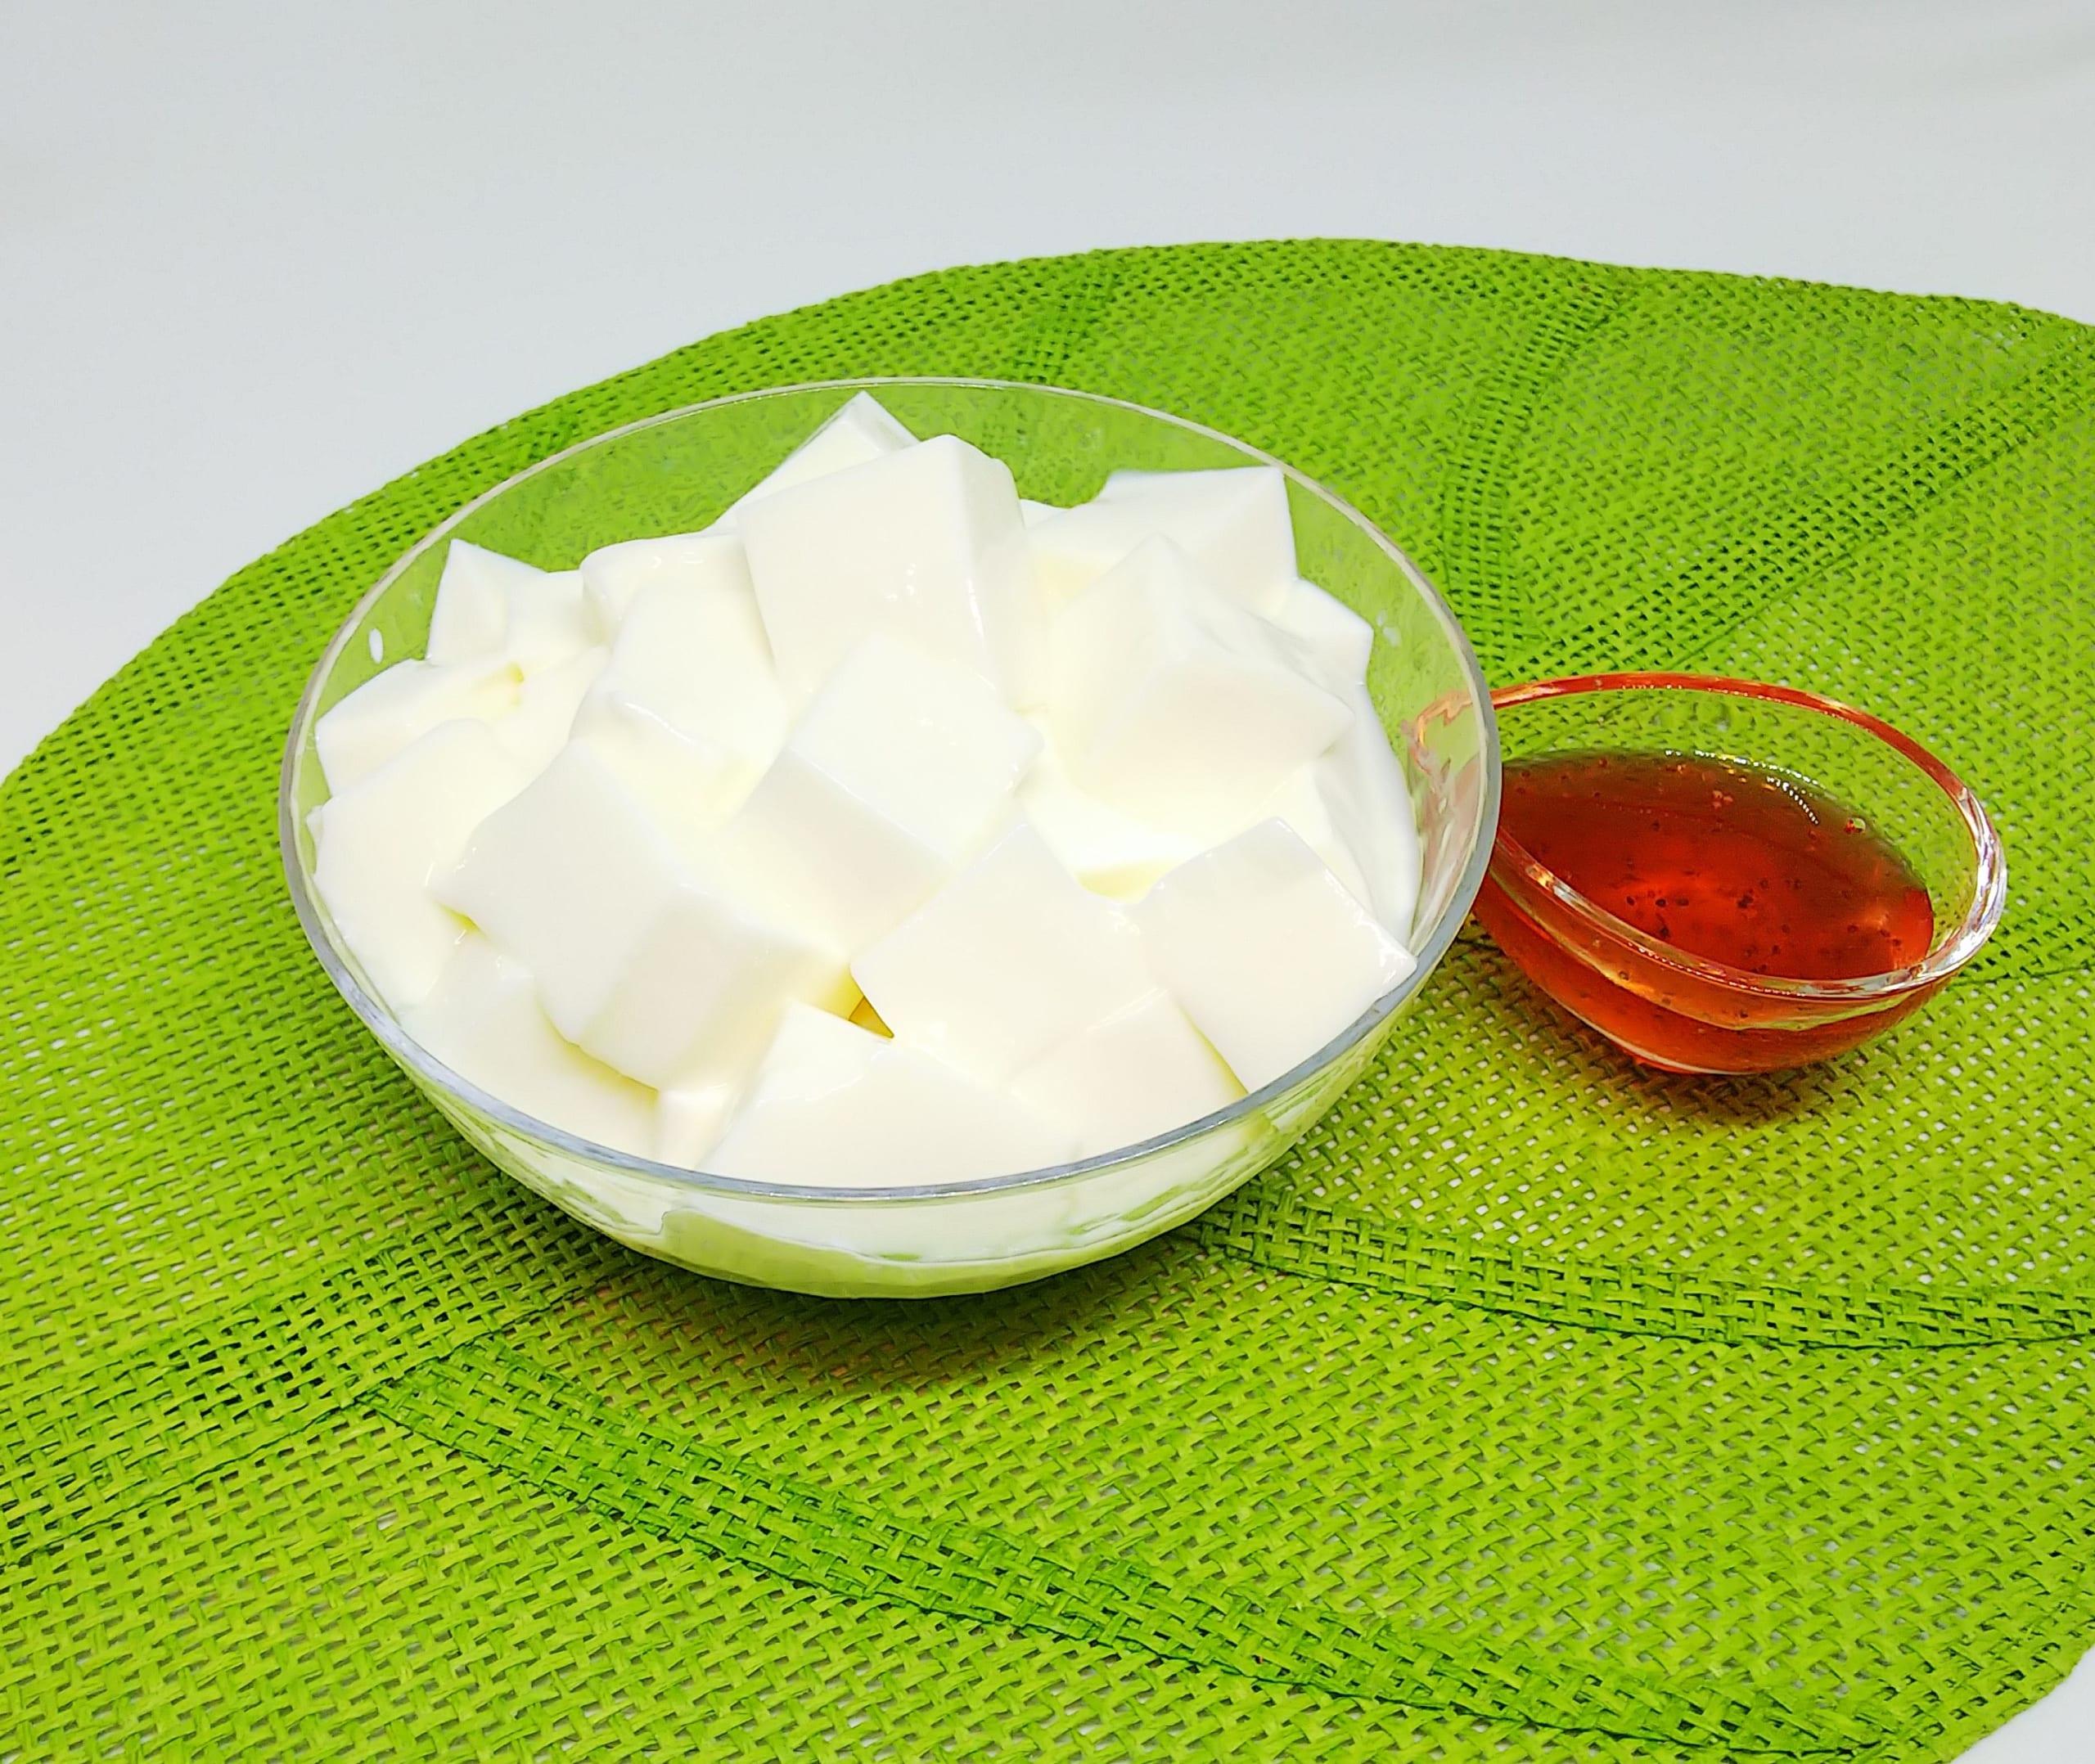 新潟県見附市民の味「ミルクヨーカン」お取り寄せして食べてみた